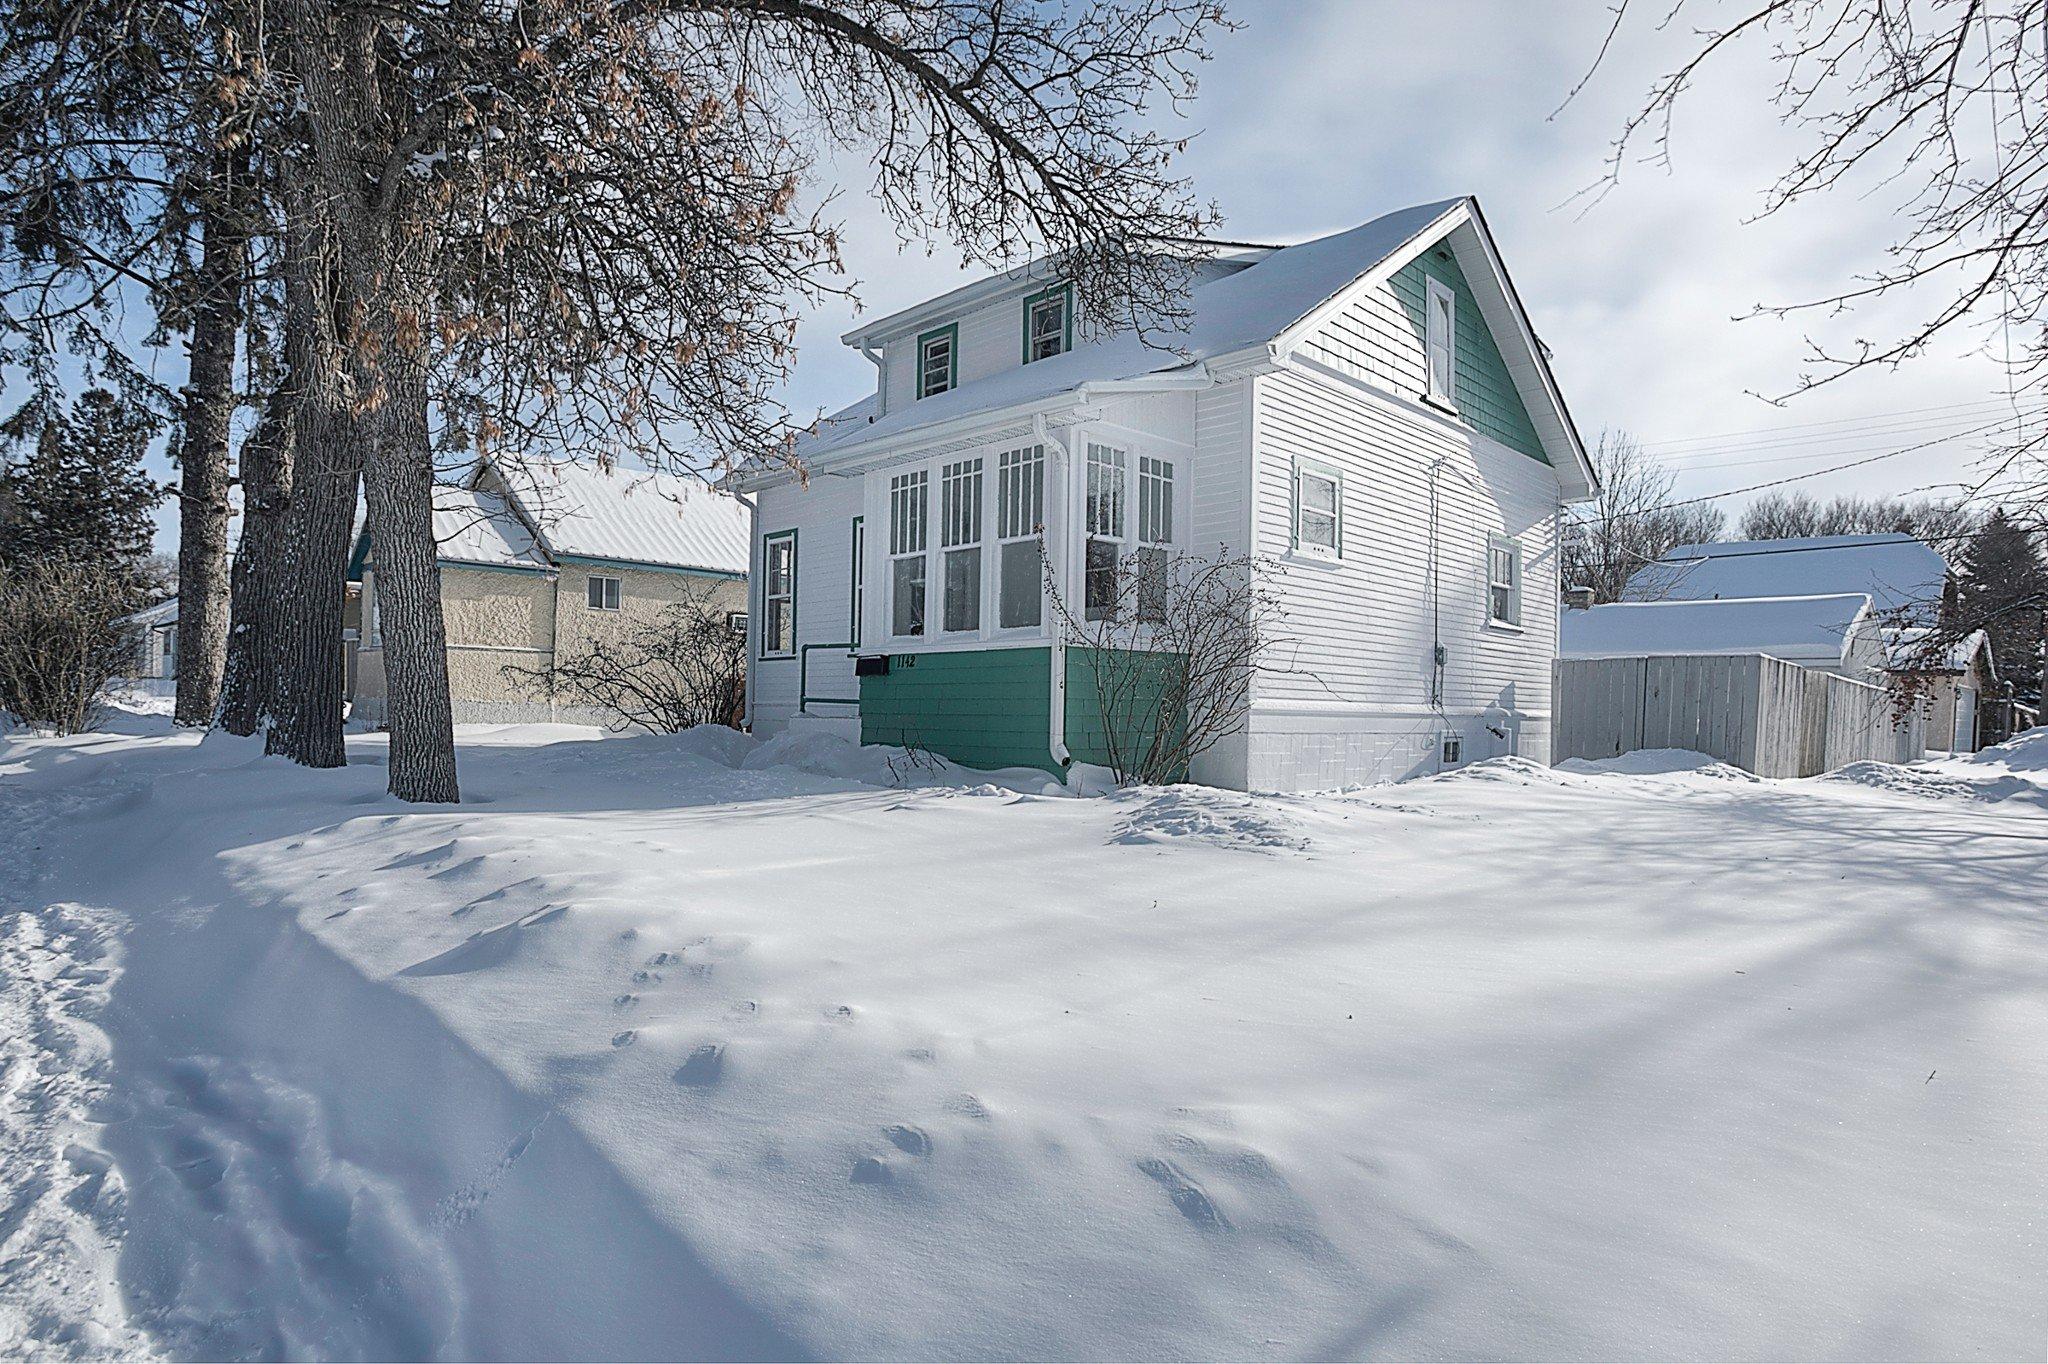 Main Photo: 1142 Rosemount Avenue in Winnipeg: West Fort Garry Single Family Detached for sale (1Jw)  : MLS®# 1902614